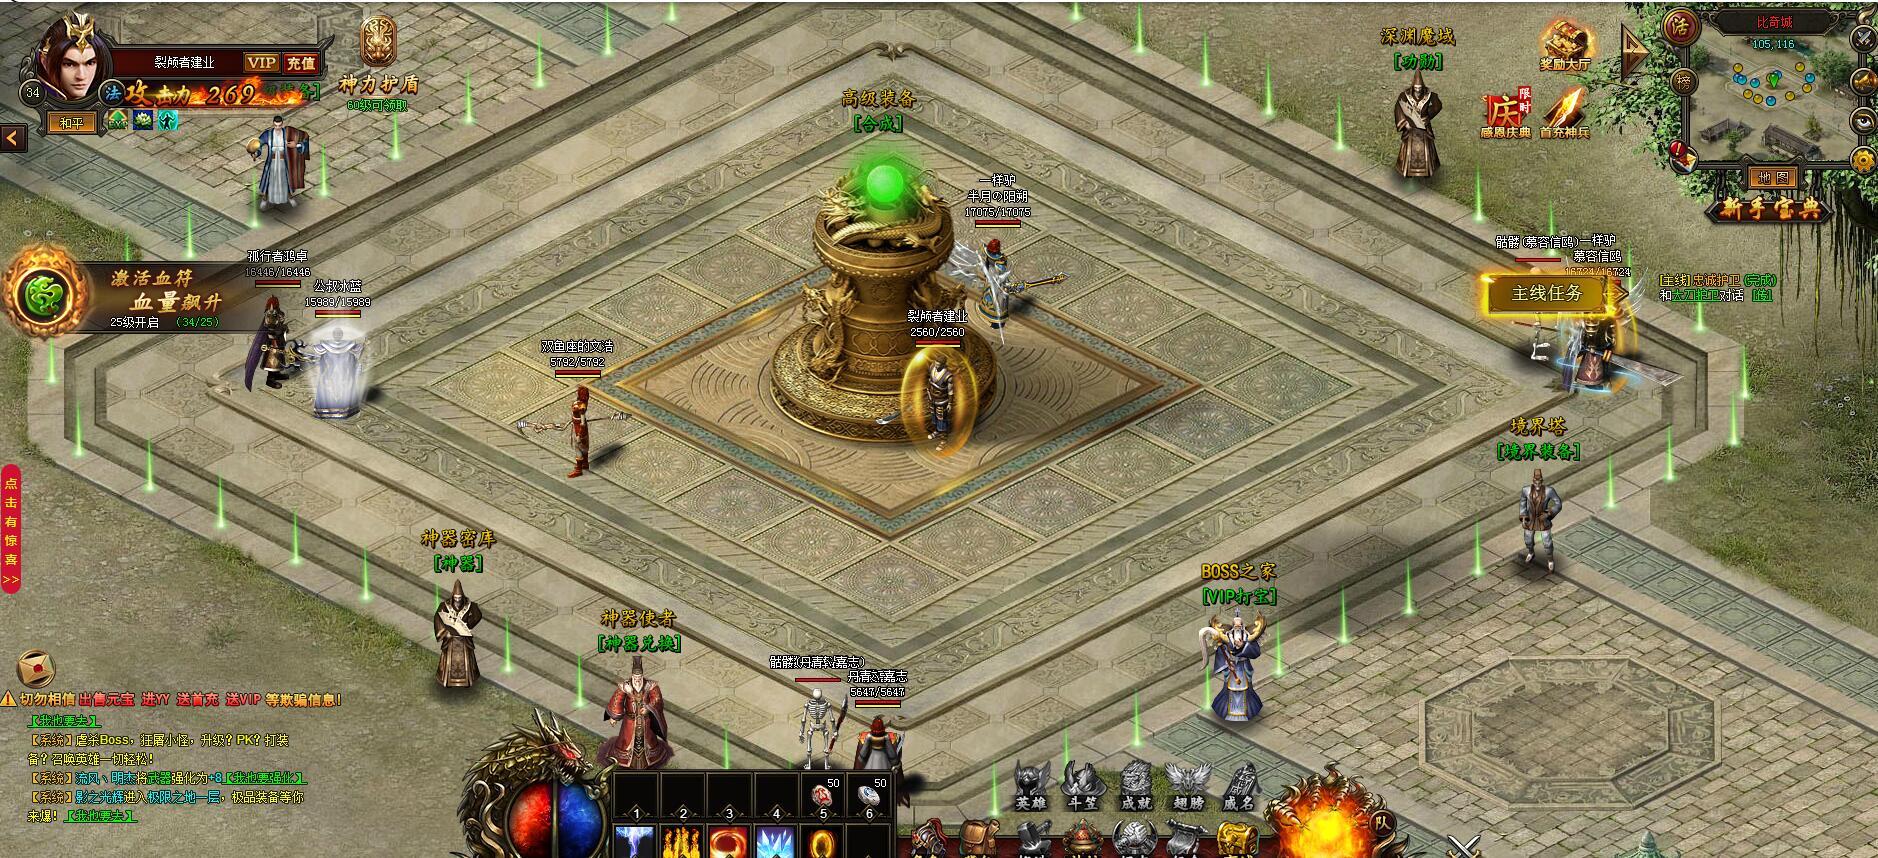 赤月龙城游戏截图3